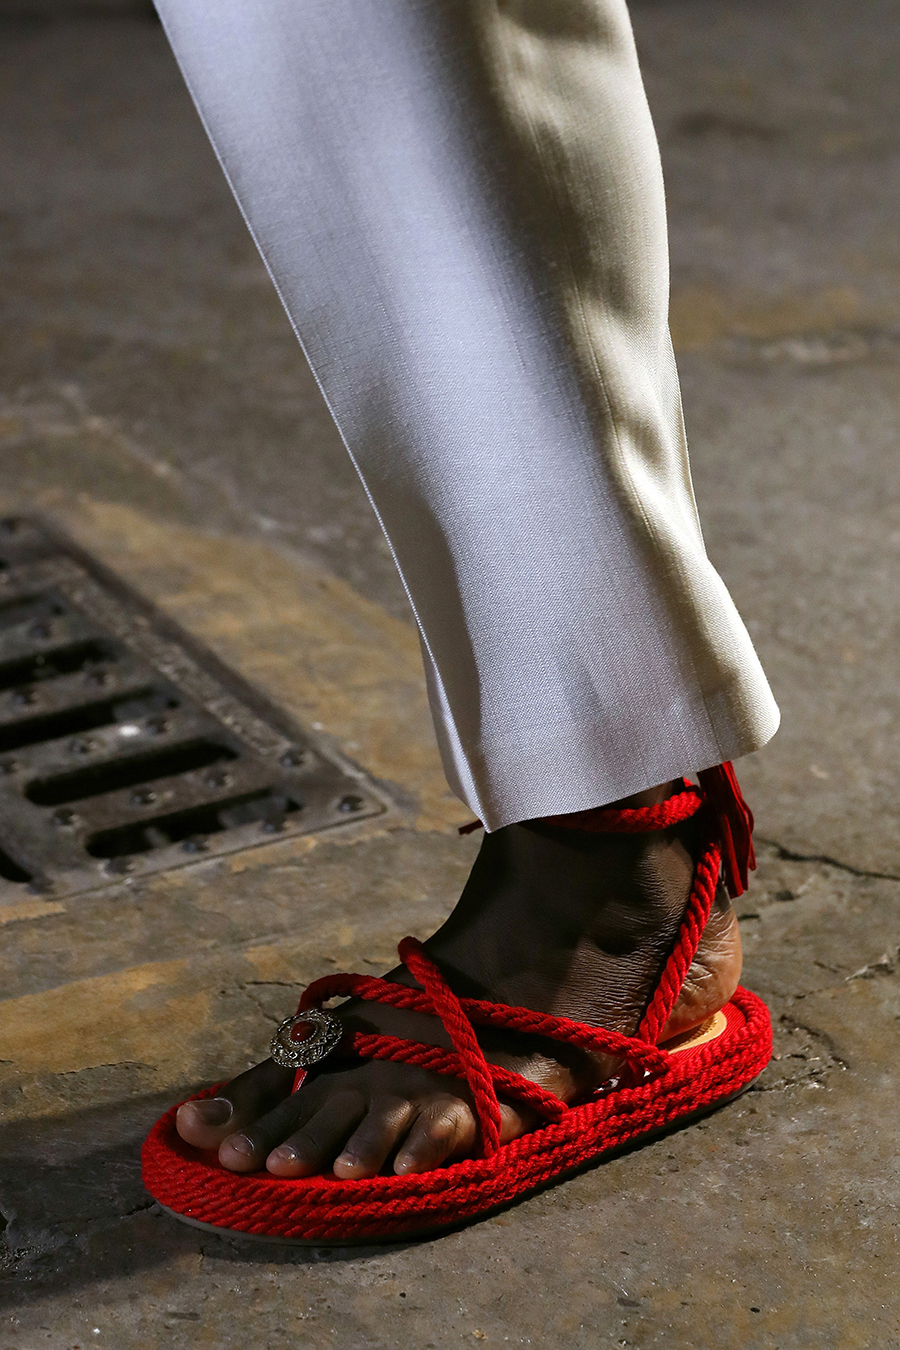 модные босоножки лето2021 тренд плетеные веревочные красные с пряжкой на плоской подошве низком ходу